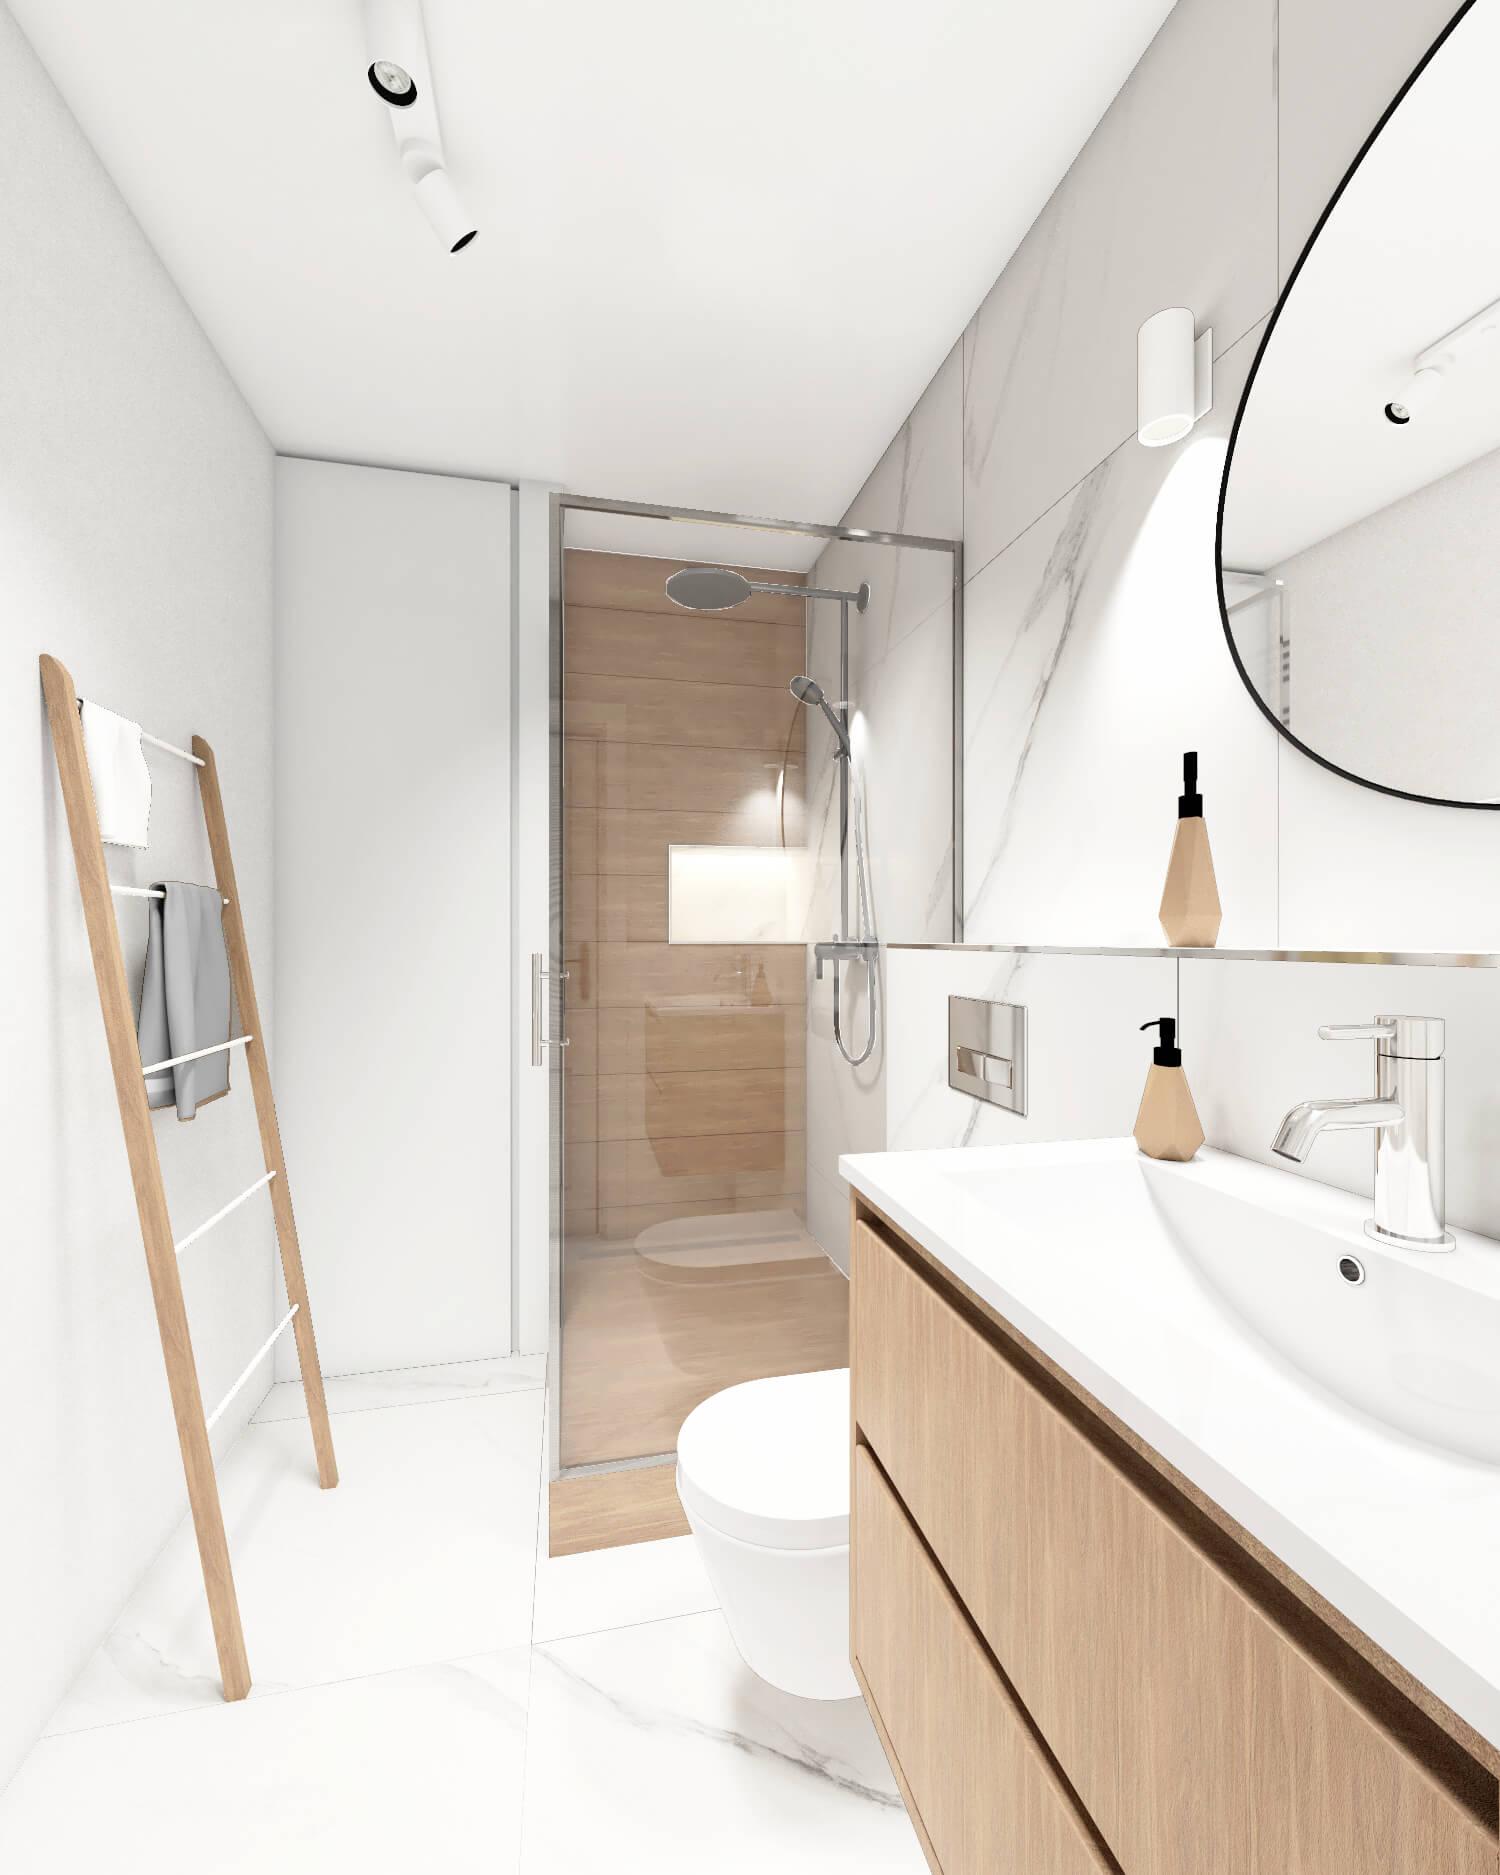 Biało drewniana łazienka z marmurową płytką